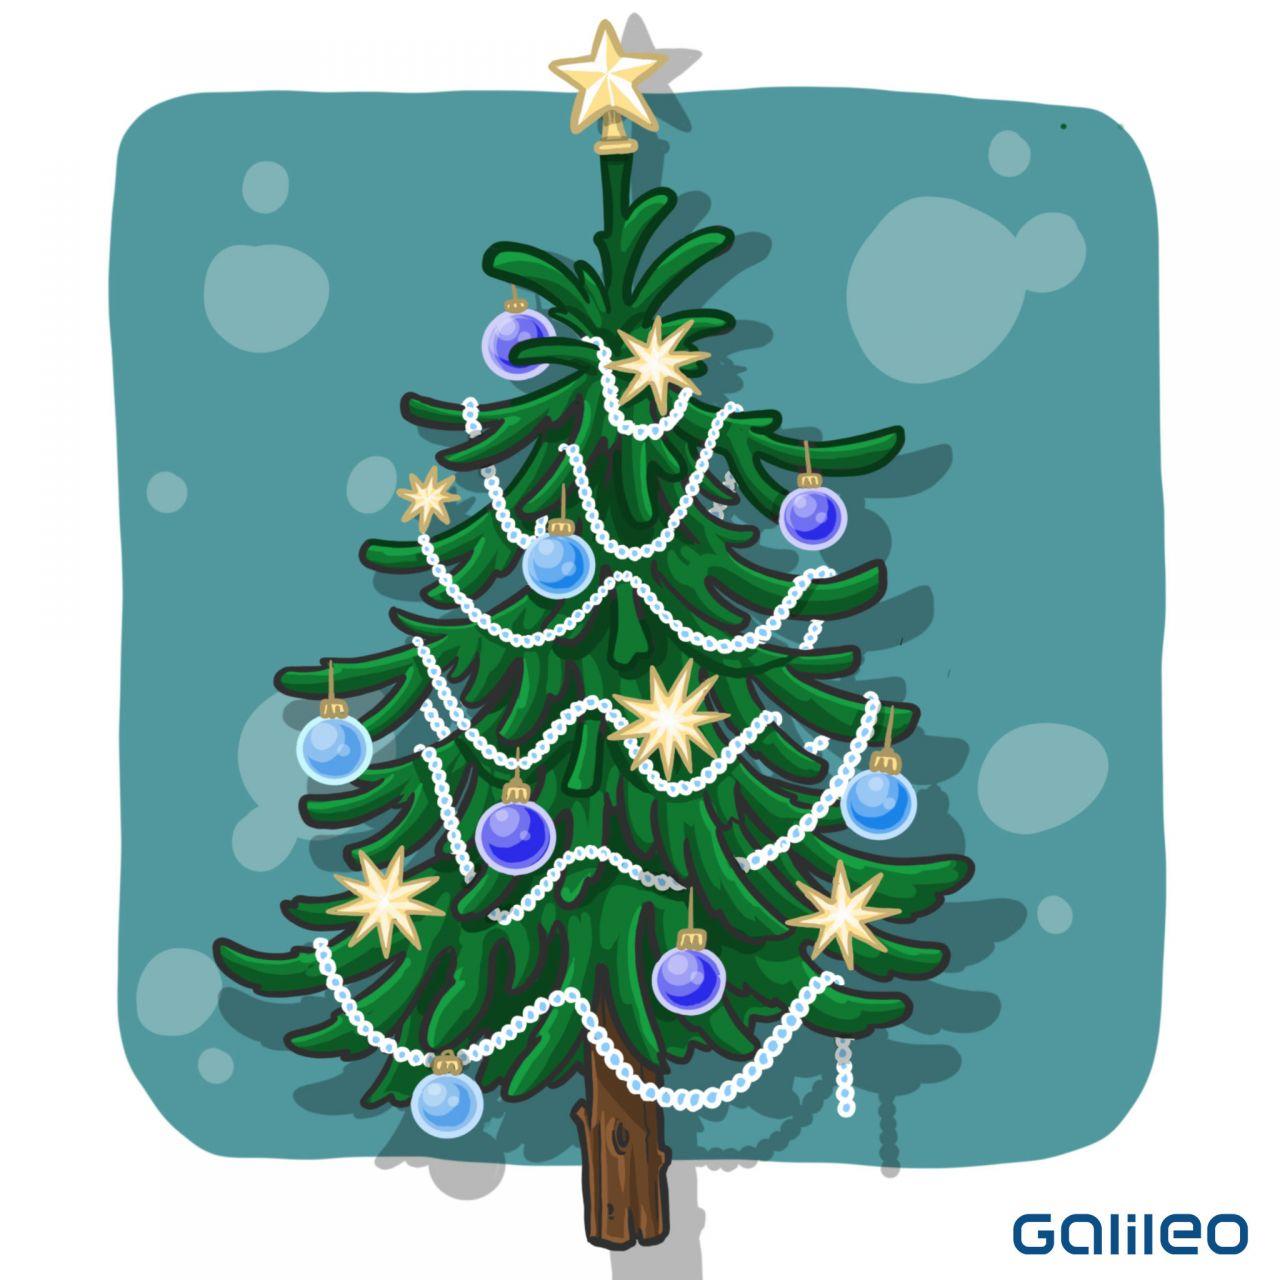 Brauch der Weihnachtsbäume